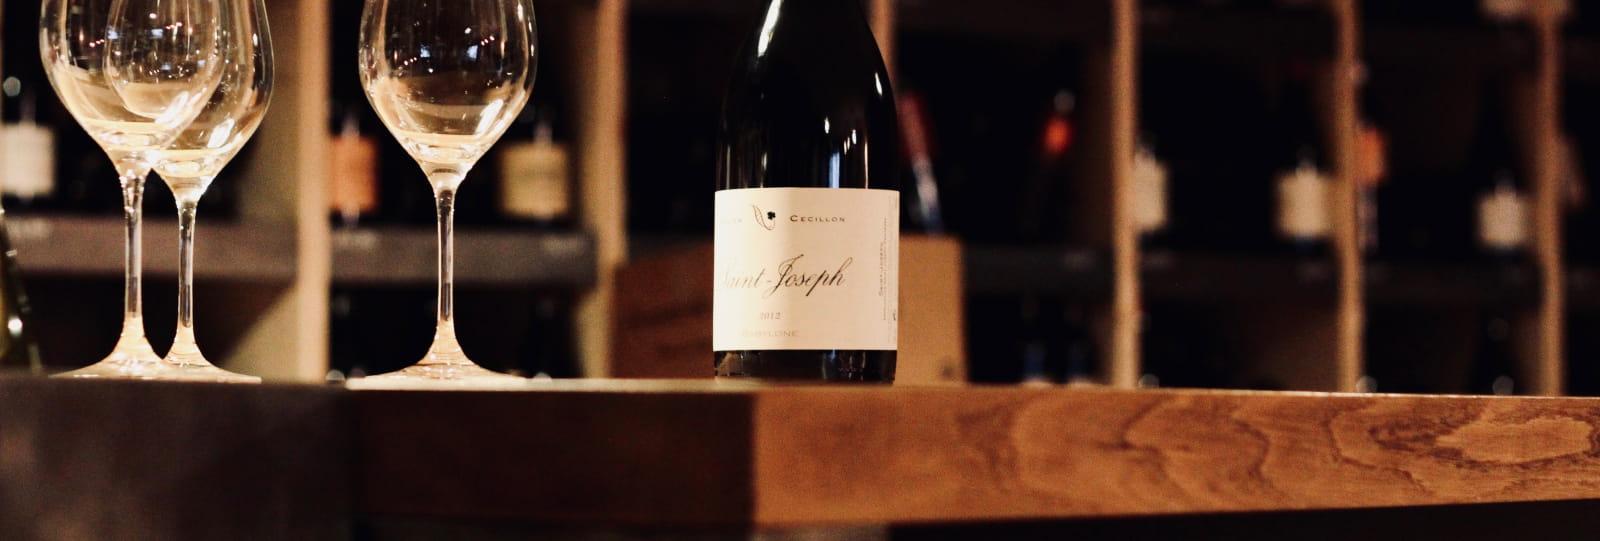 Table, verres et bouteille de vin